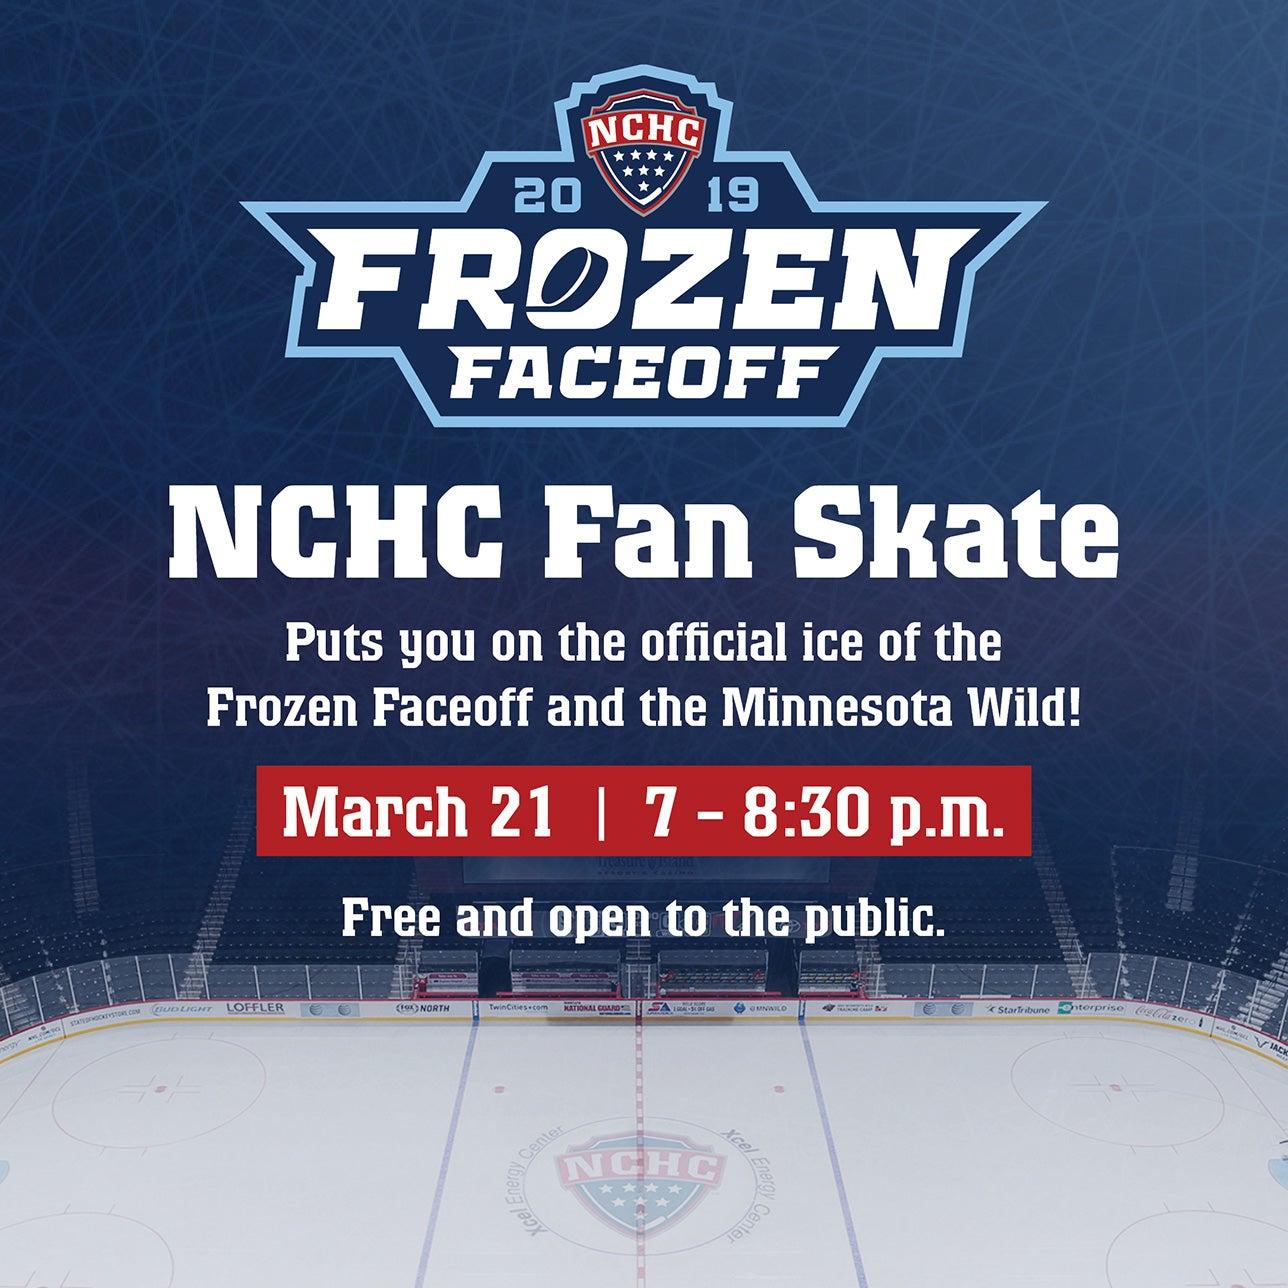 NCHC Fan Skate